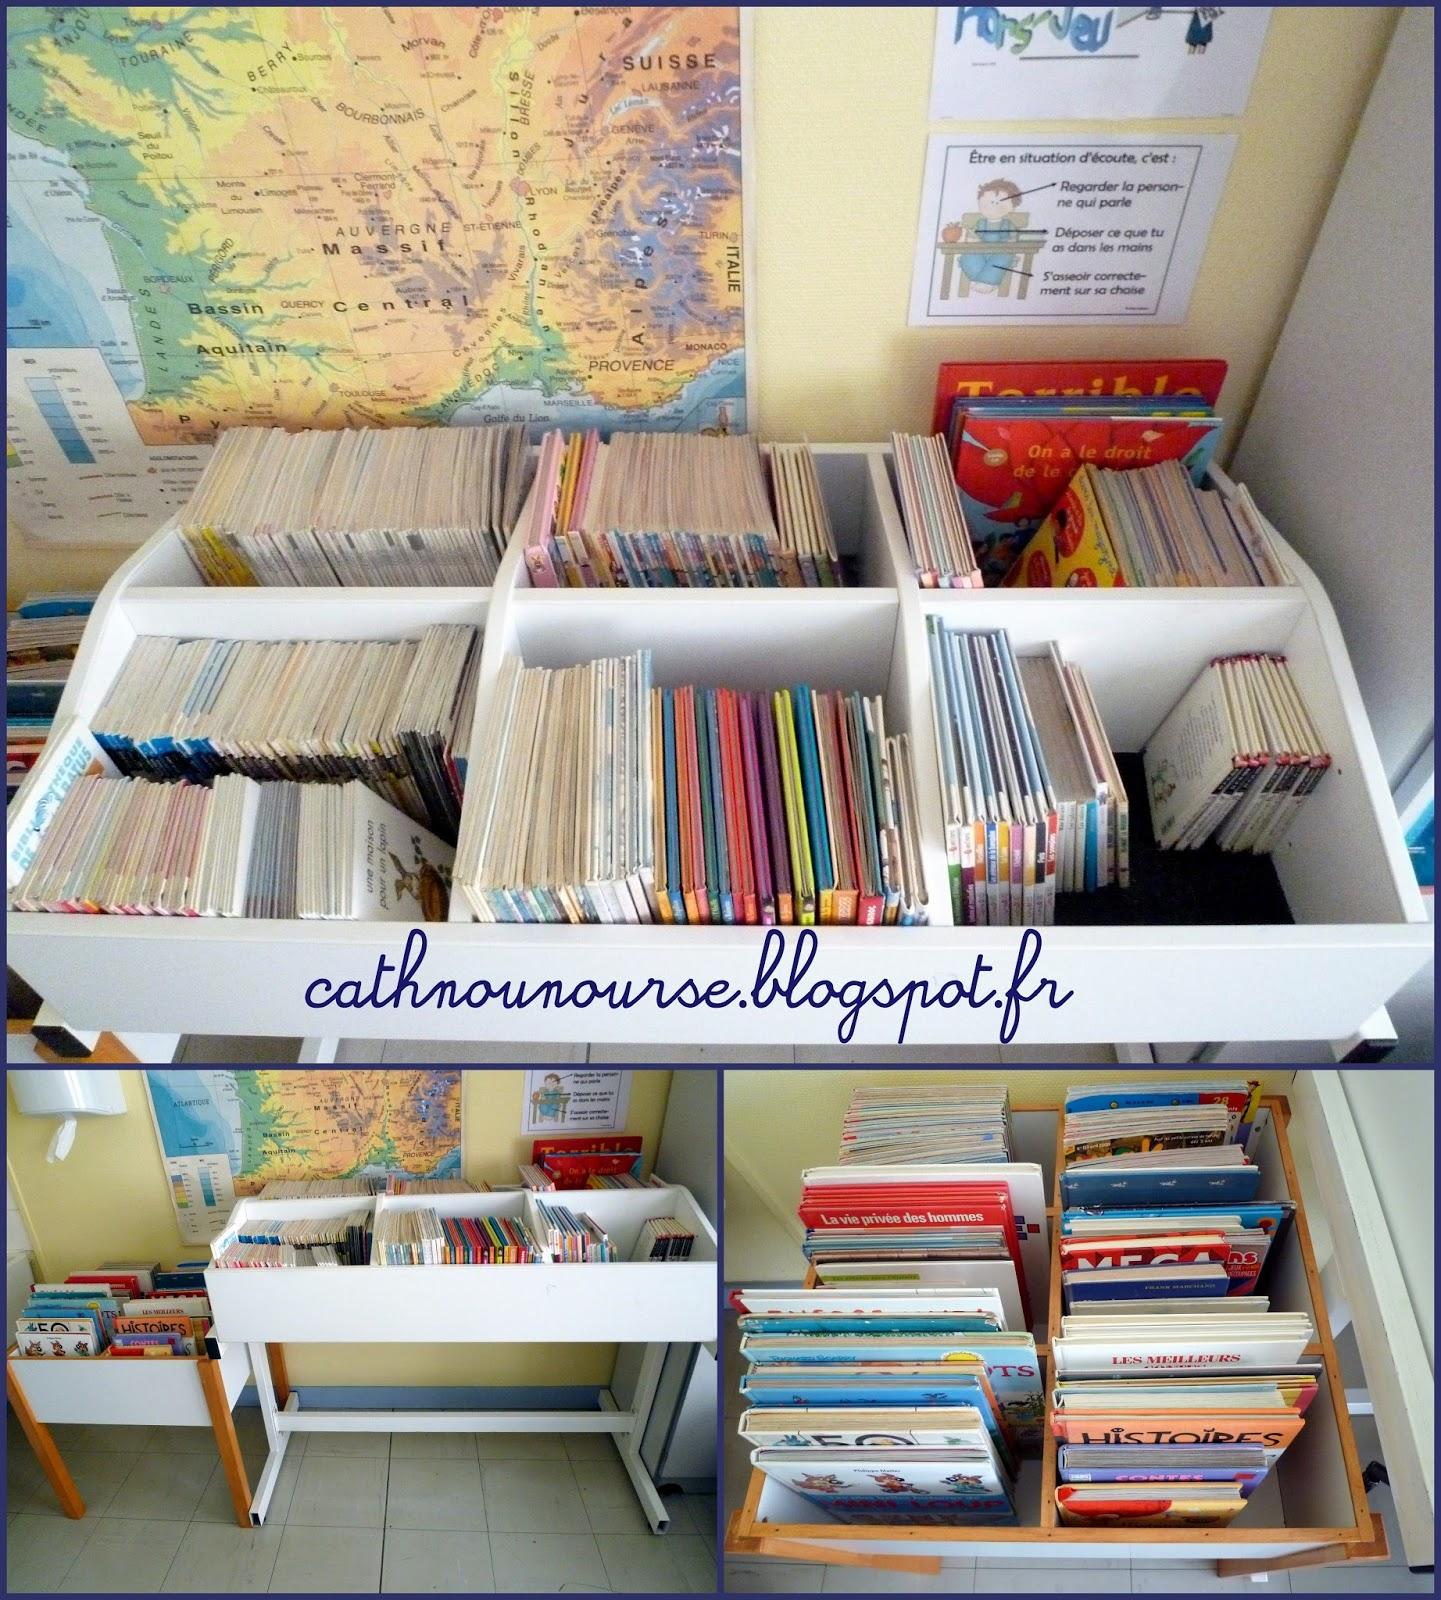 le blog de cathnounourse tri et rangement des livres de biblioth que. Black Bedroom Furniture Sets. Home Design Ideas